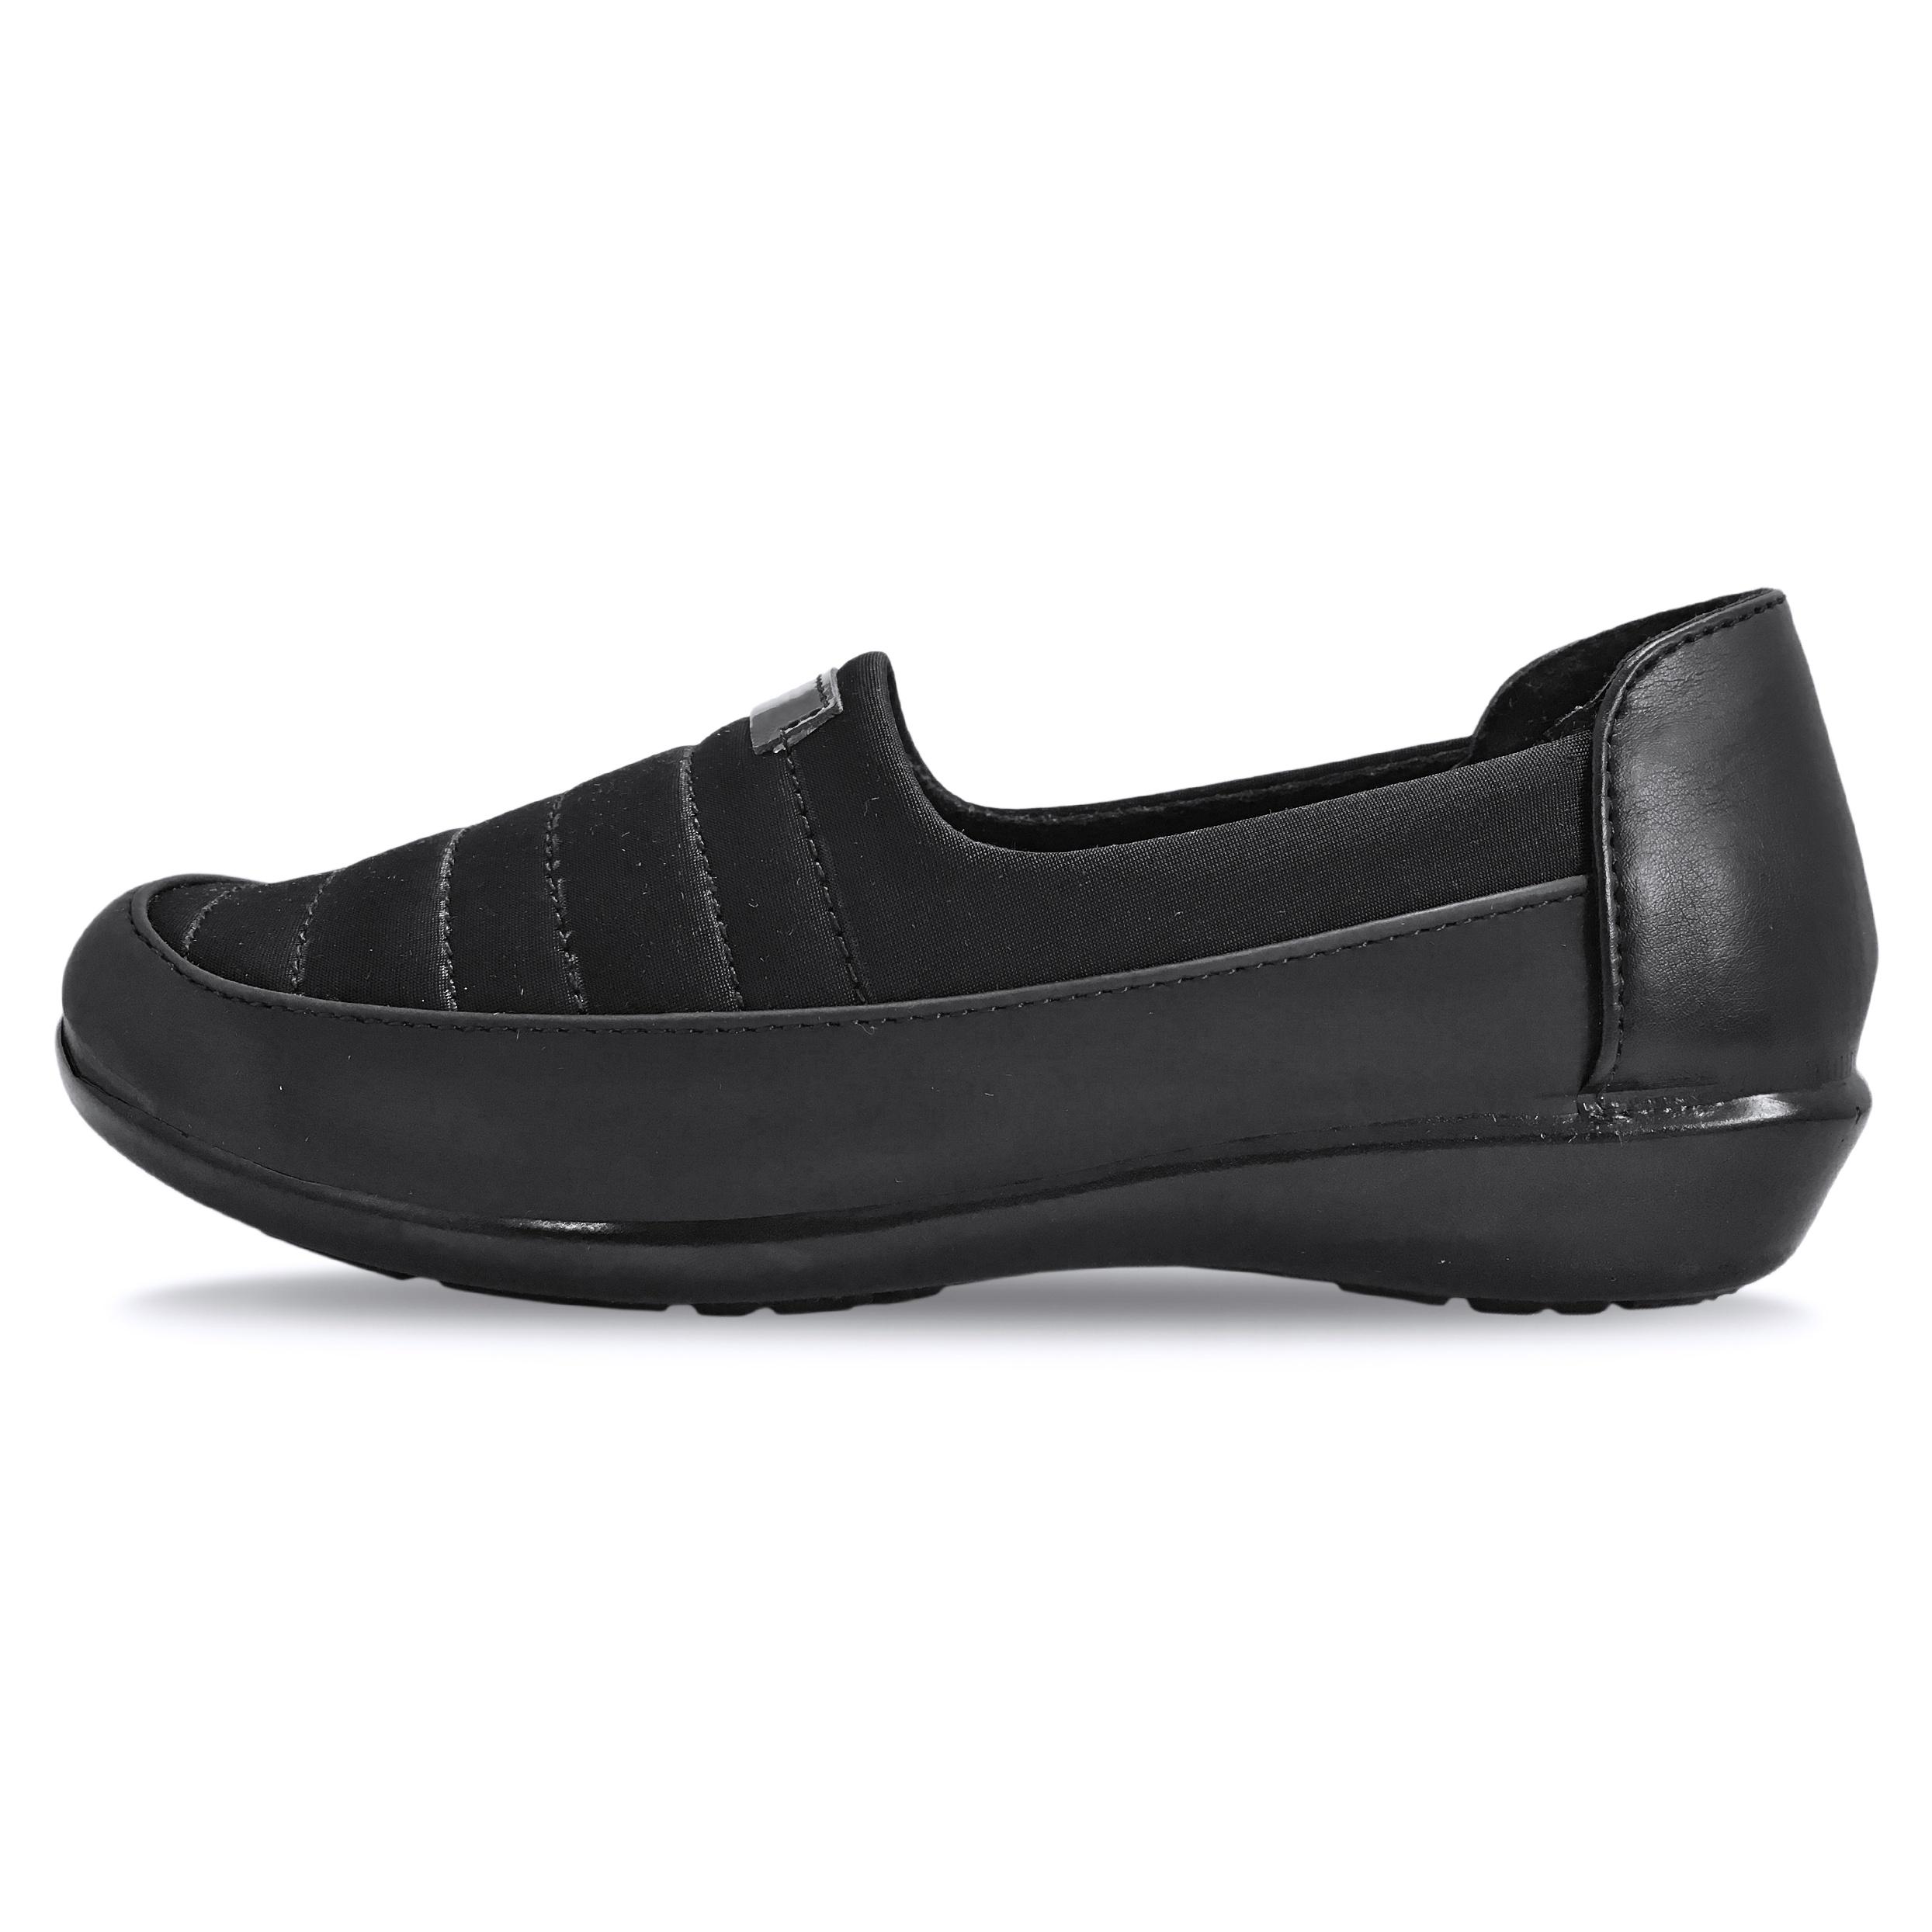 کفش راحتی زنانه مدل باران کد 3878